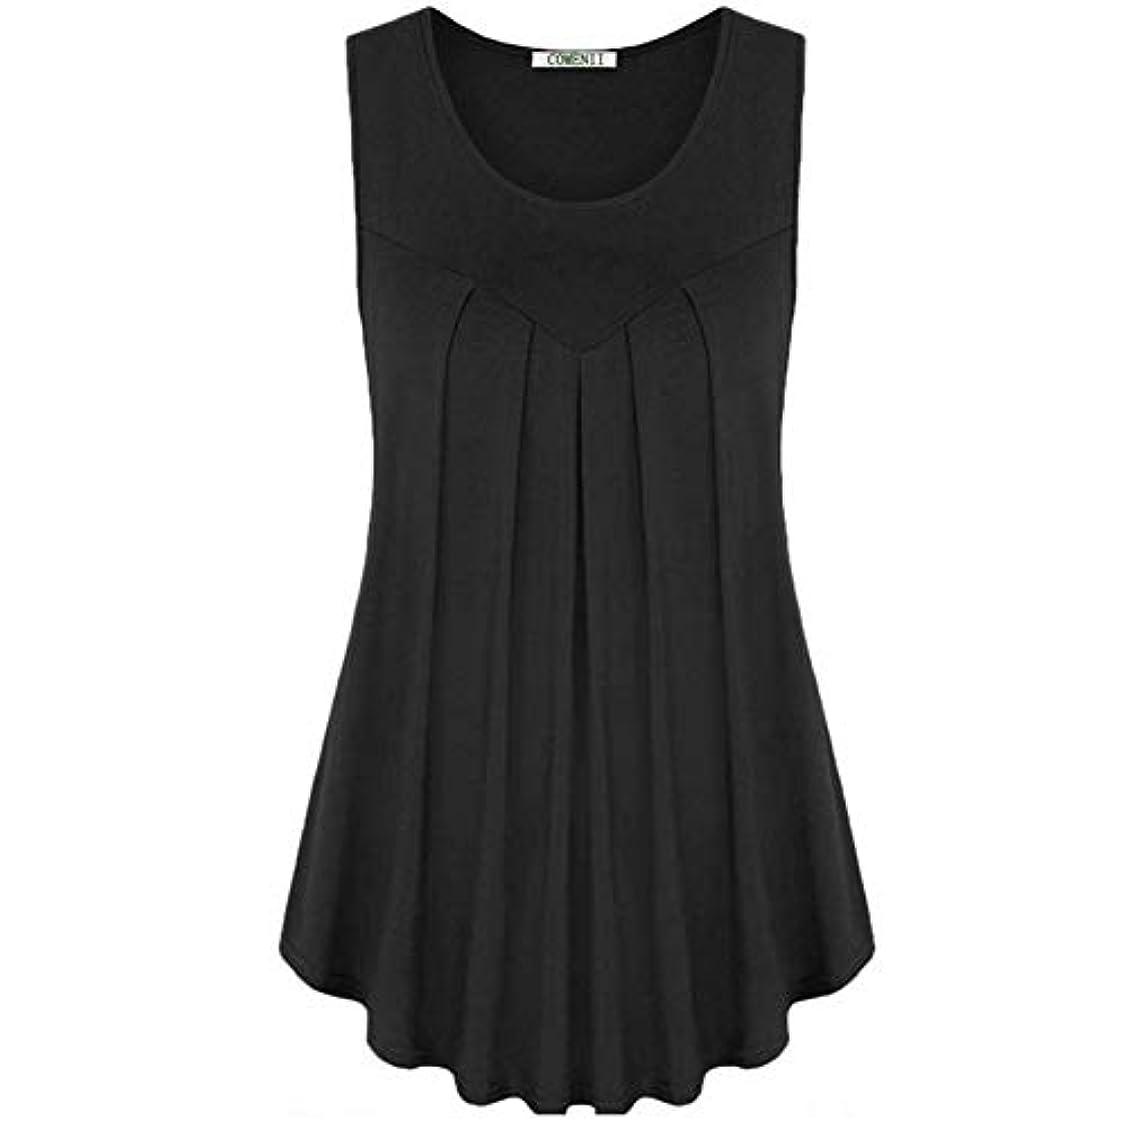 配分一緒にささやきMIFAN の女性のドレスカジュアルな不規則なドレスルースサマービーチTシャツドレス